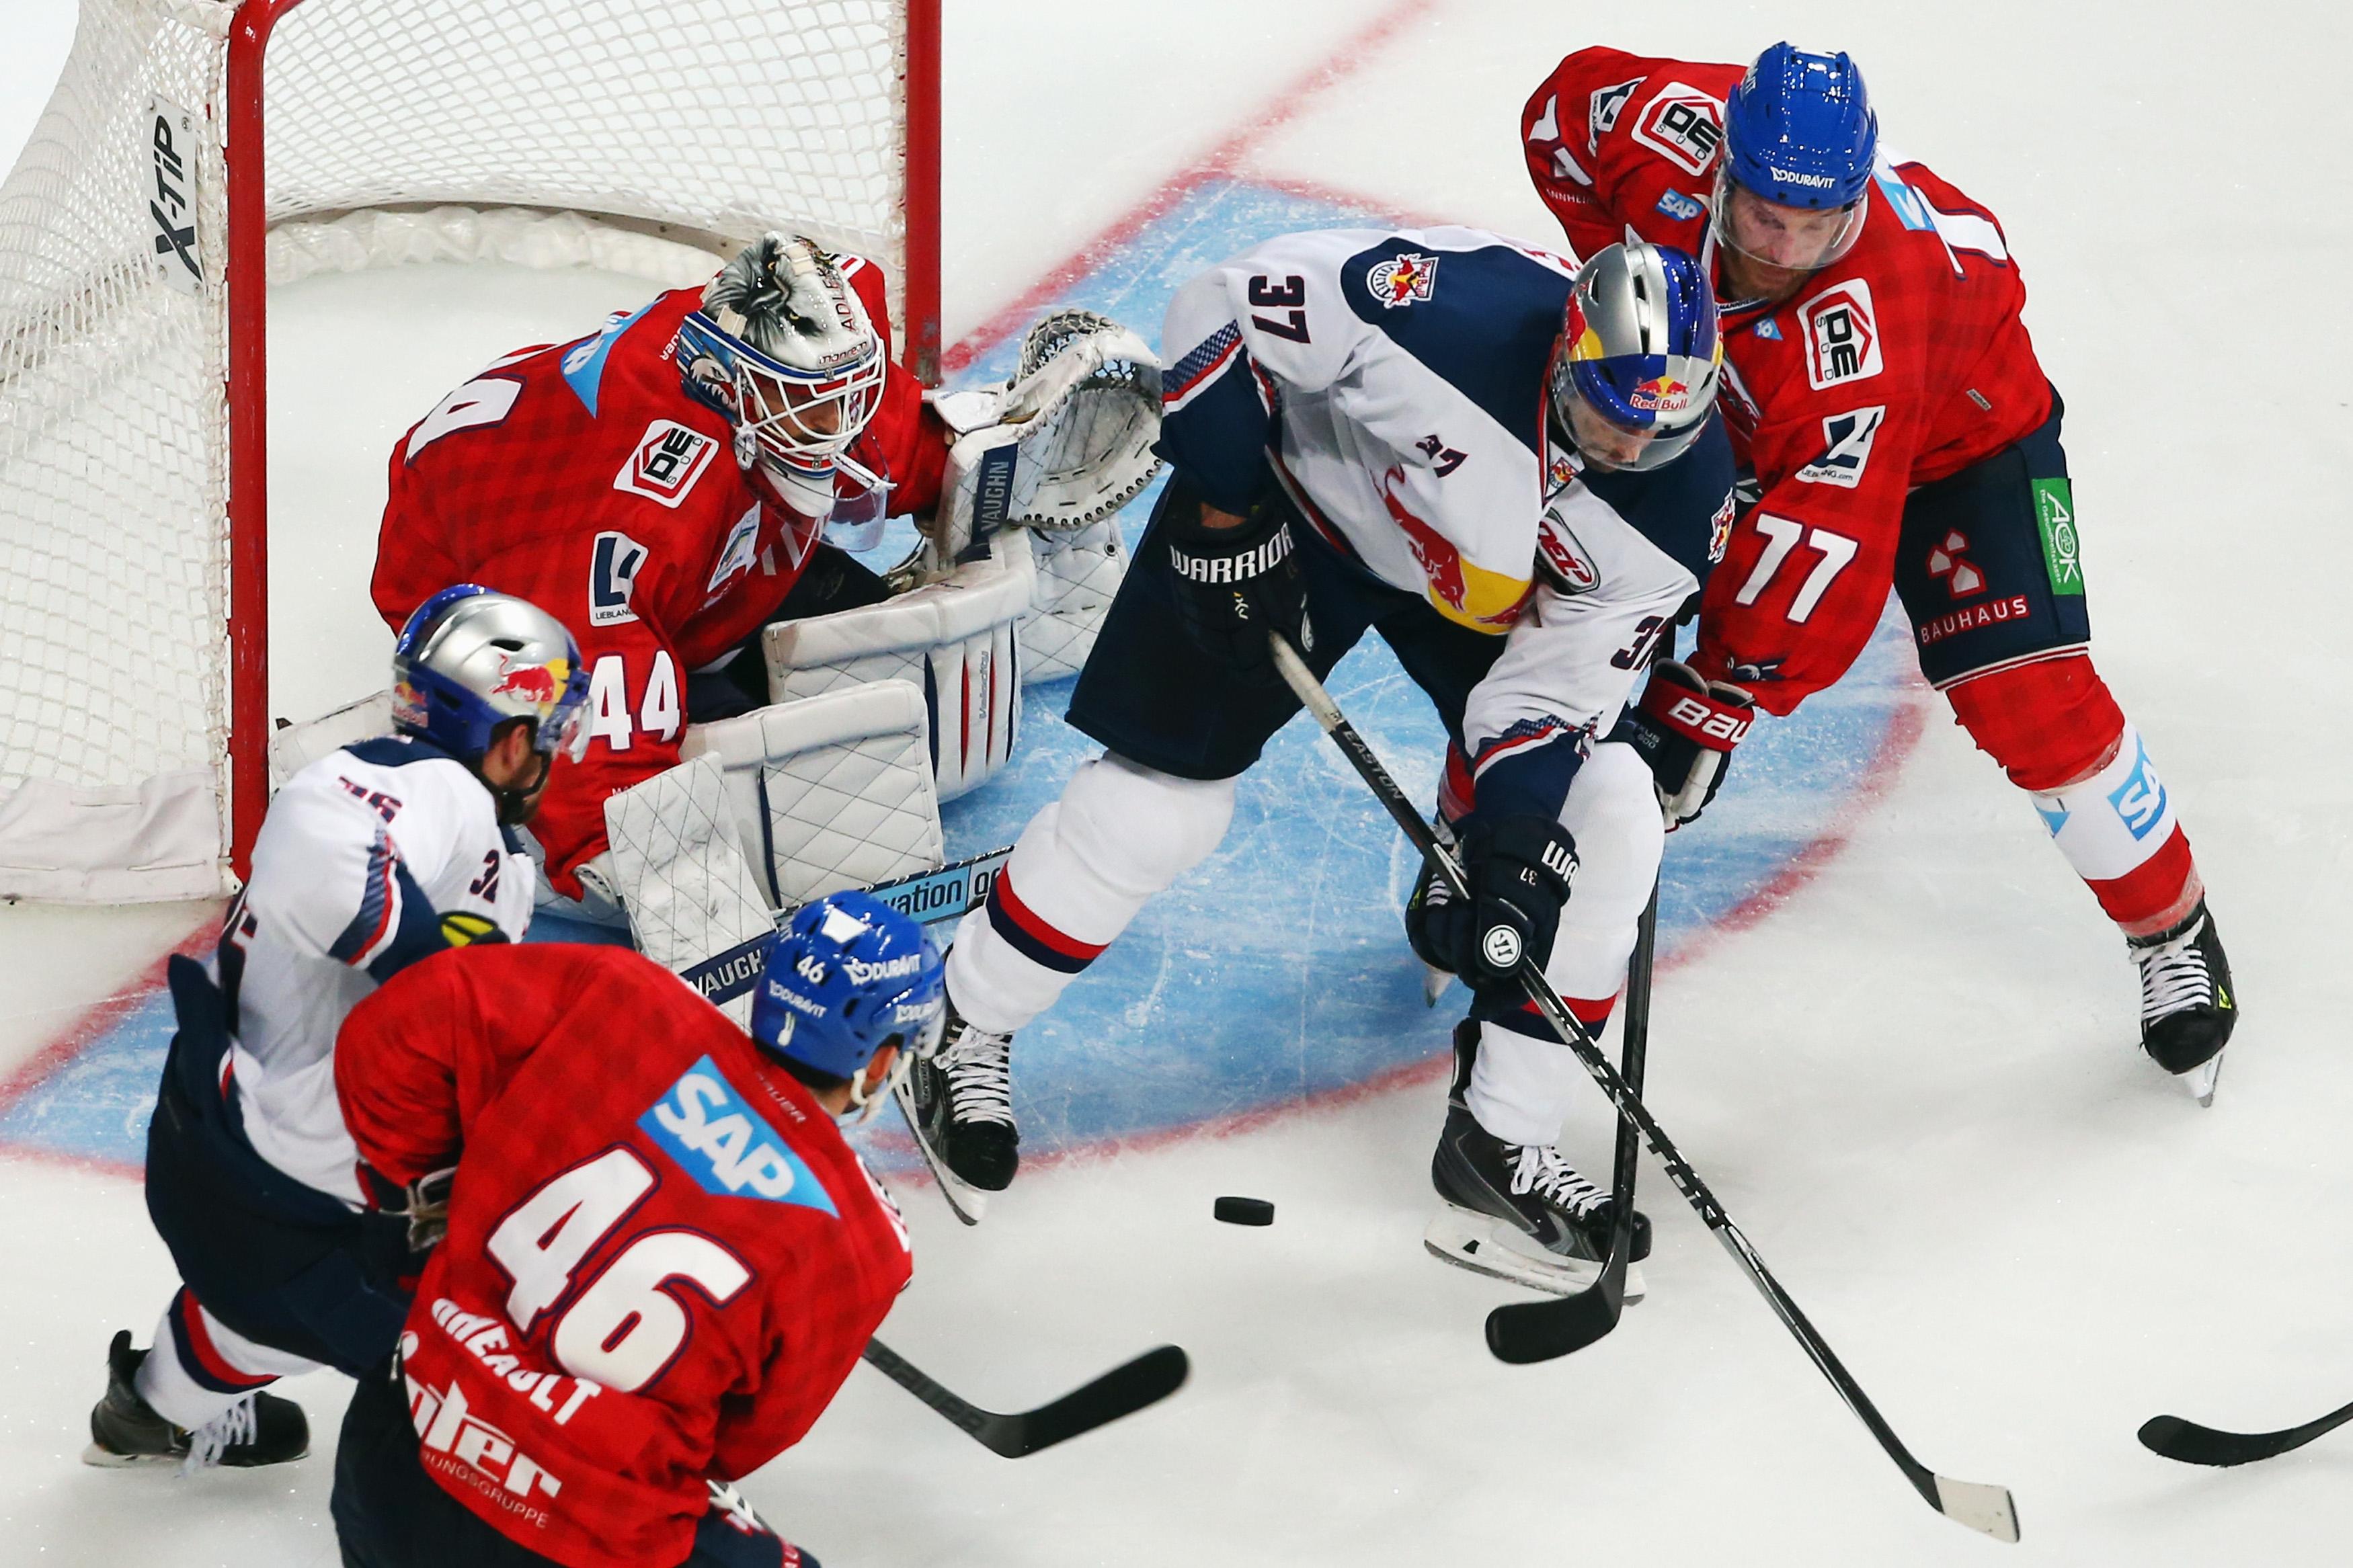 Live-Stream Eishockey Bundesliga 10. Spieltag: Heute Schwenninger Wild Wings vs Adler Mannheim, Live-Übertragung auf Servus TV